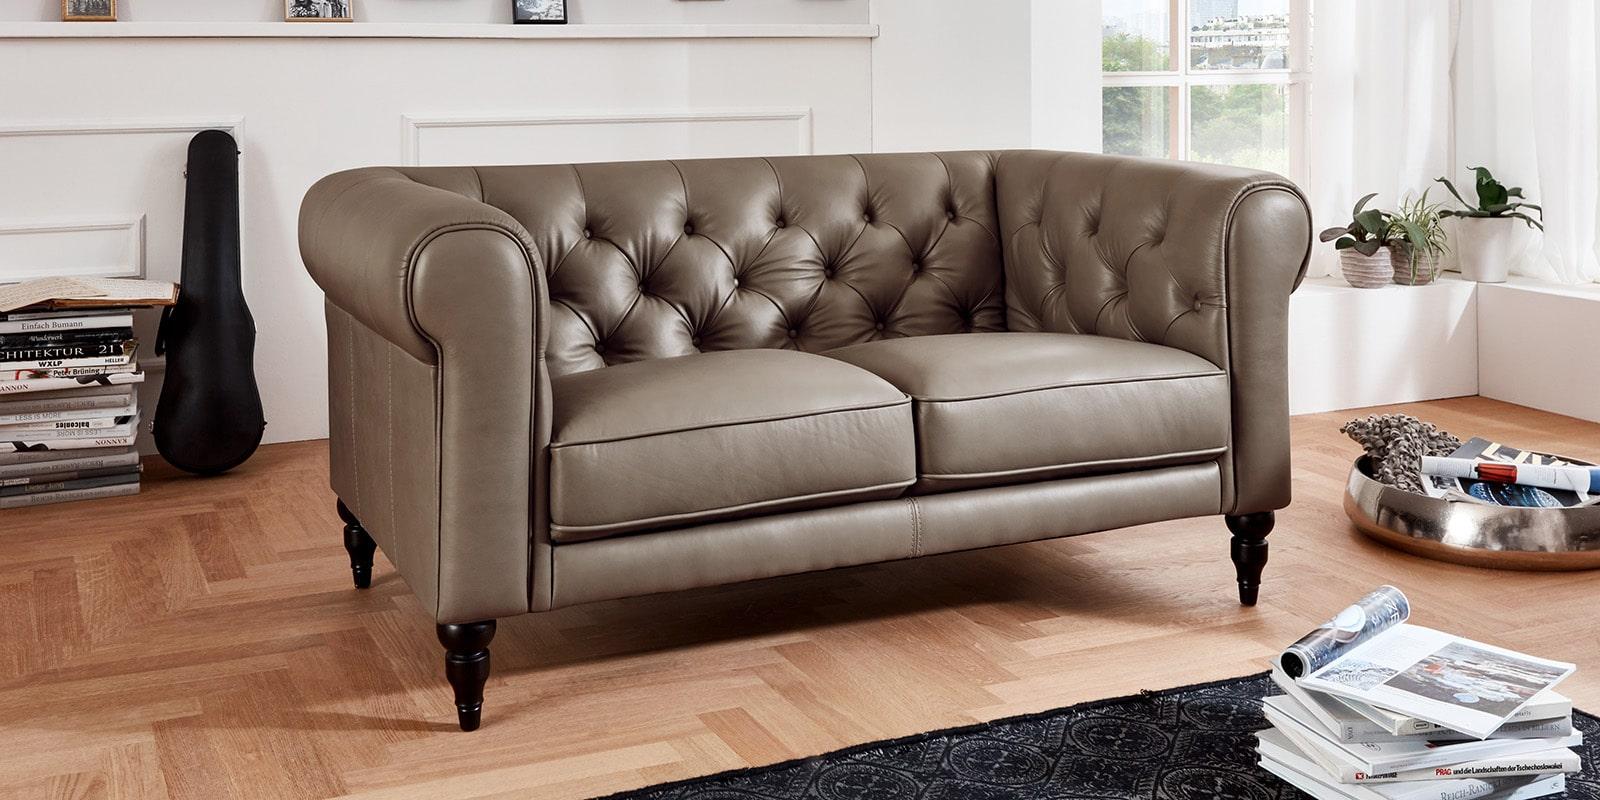 Moebella24 - 2-Sitzer - Sofa - Hudson - Chesterfield - Leder - Taupe - Dekorative - Nähte - und - Versteppungen - Barock-Design - Füße